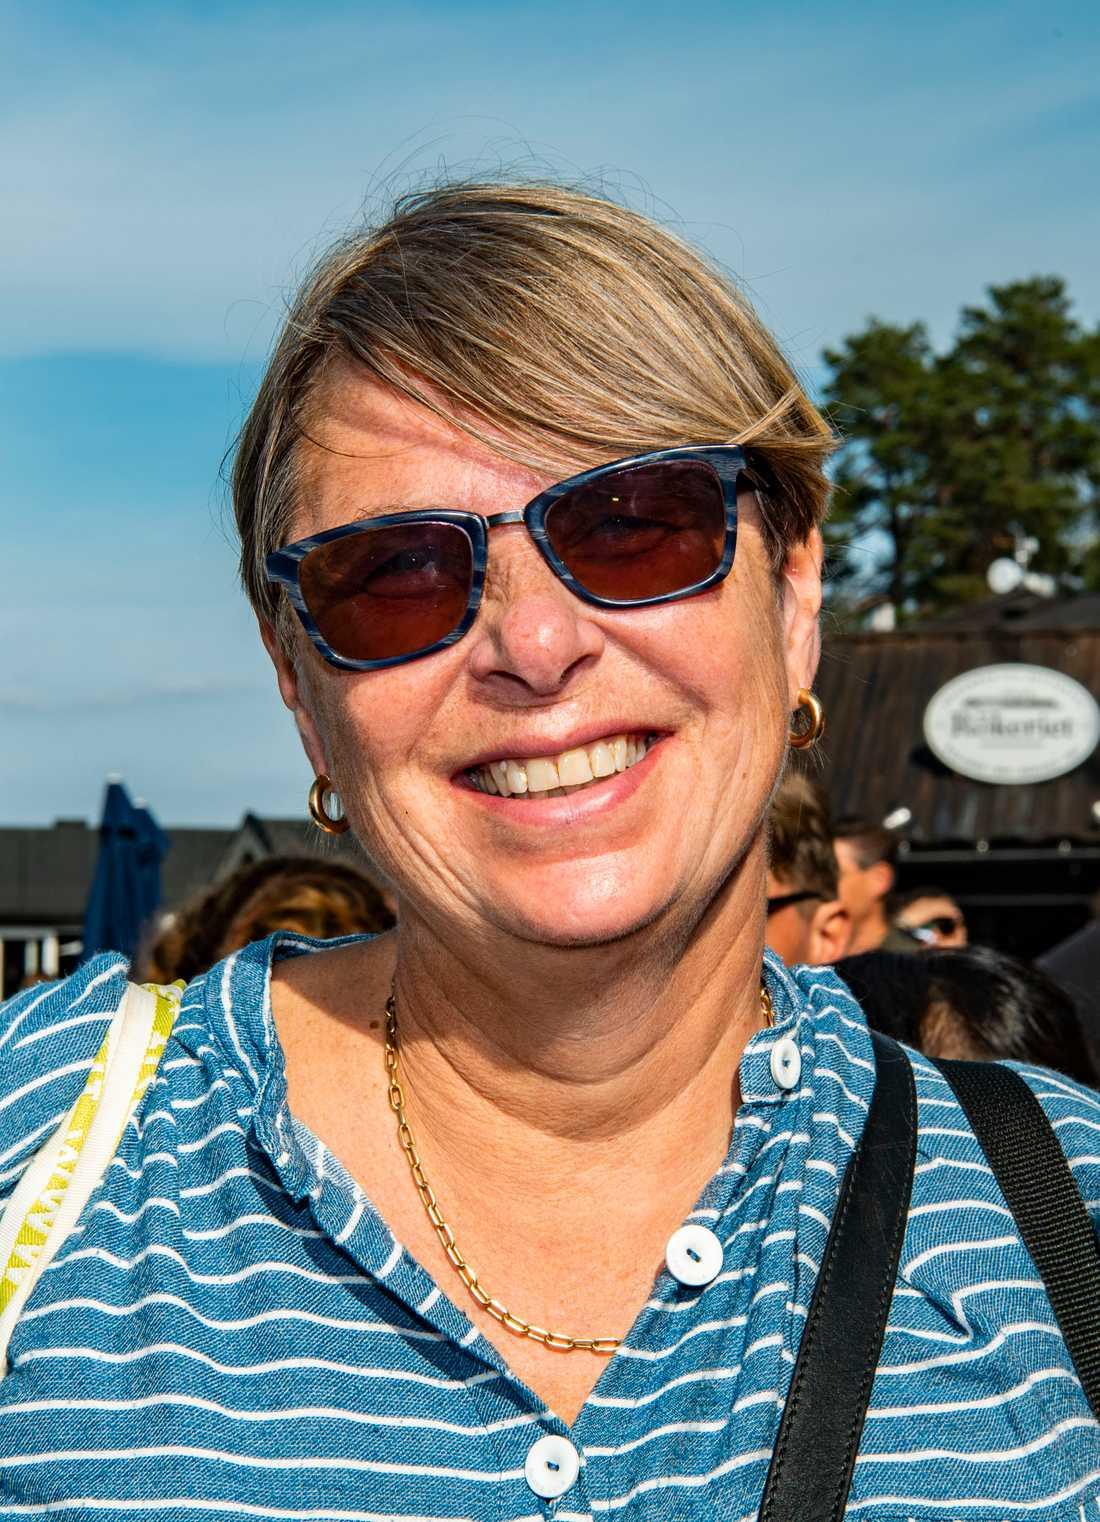 """Johanna Palmquist: """"Jag tycker det är jätteviktigt att man lägger fokus på mat och låter det ta tid. Det är inget man ska stressa med. Själv brukar jag göra mycket inläggningar. Fermentera så att maten håller längre""""."""